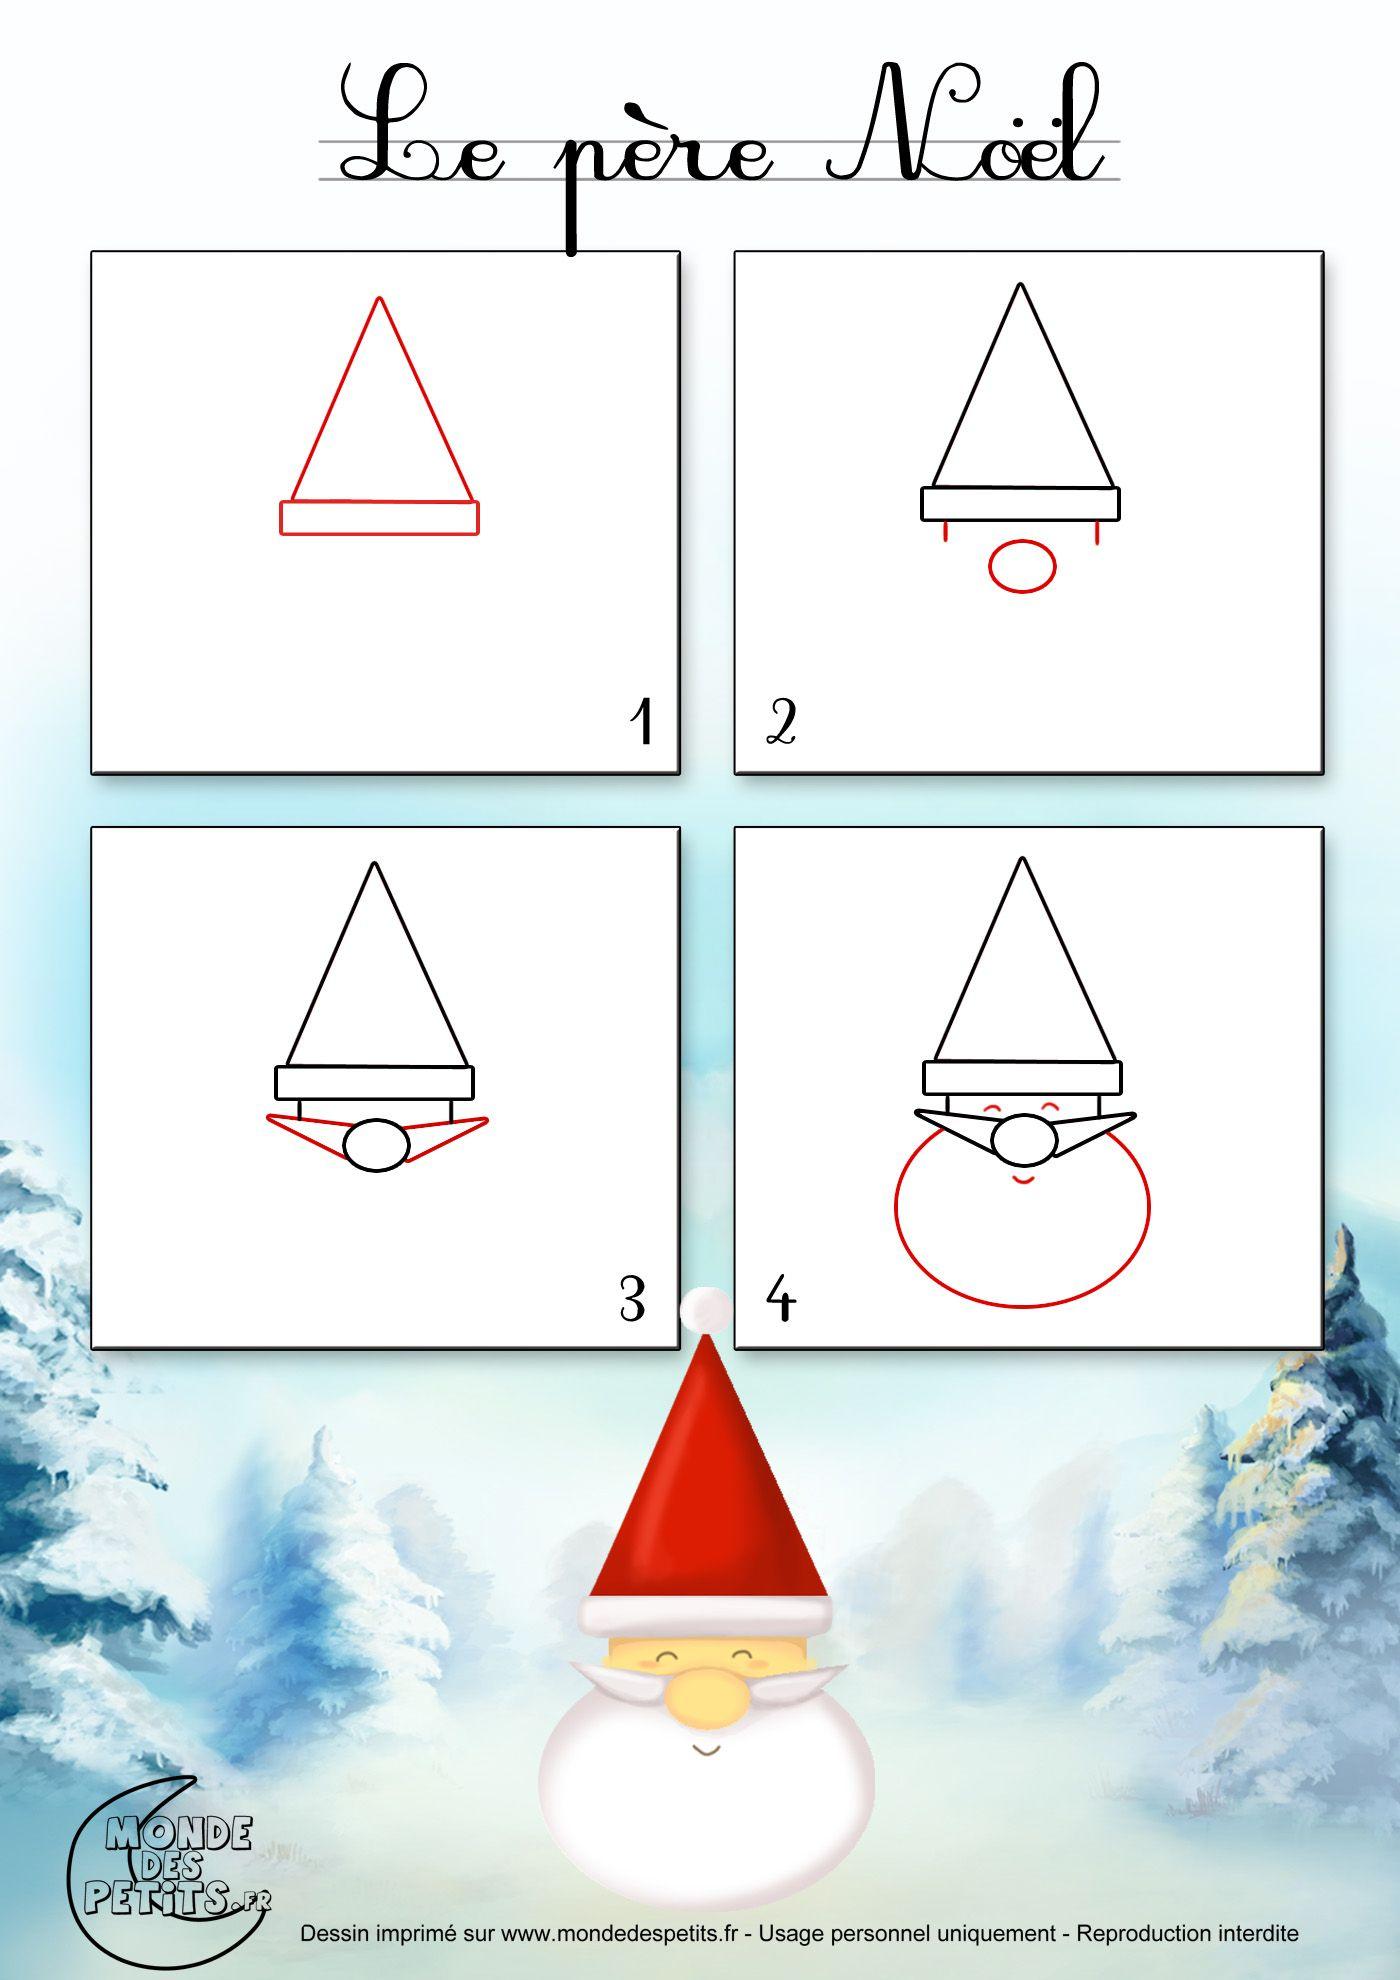 Dessin1_Comment Dessiner Le Visage Du Père Noël Facilement encequiconcerne Modèles De Dessins À Reproduire